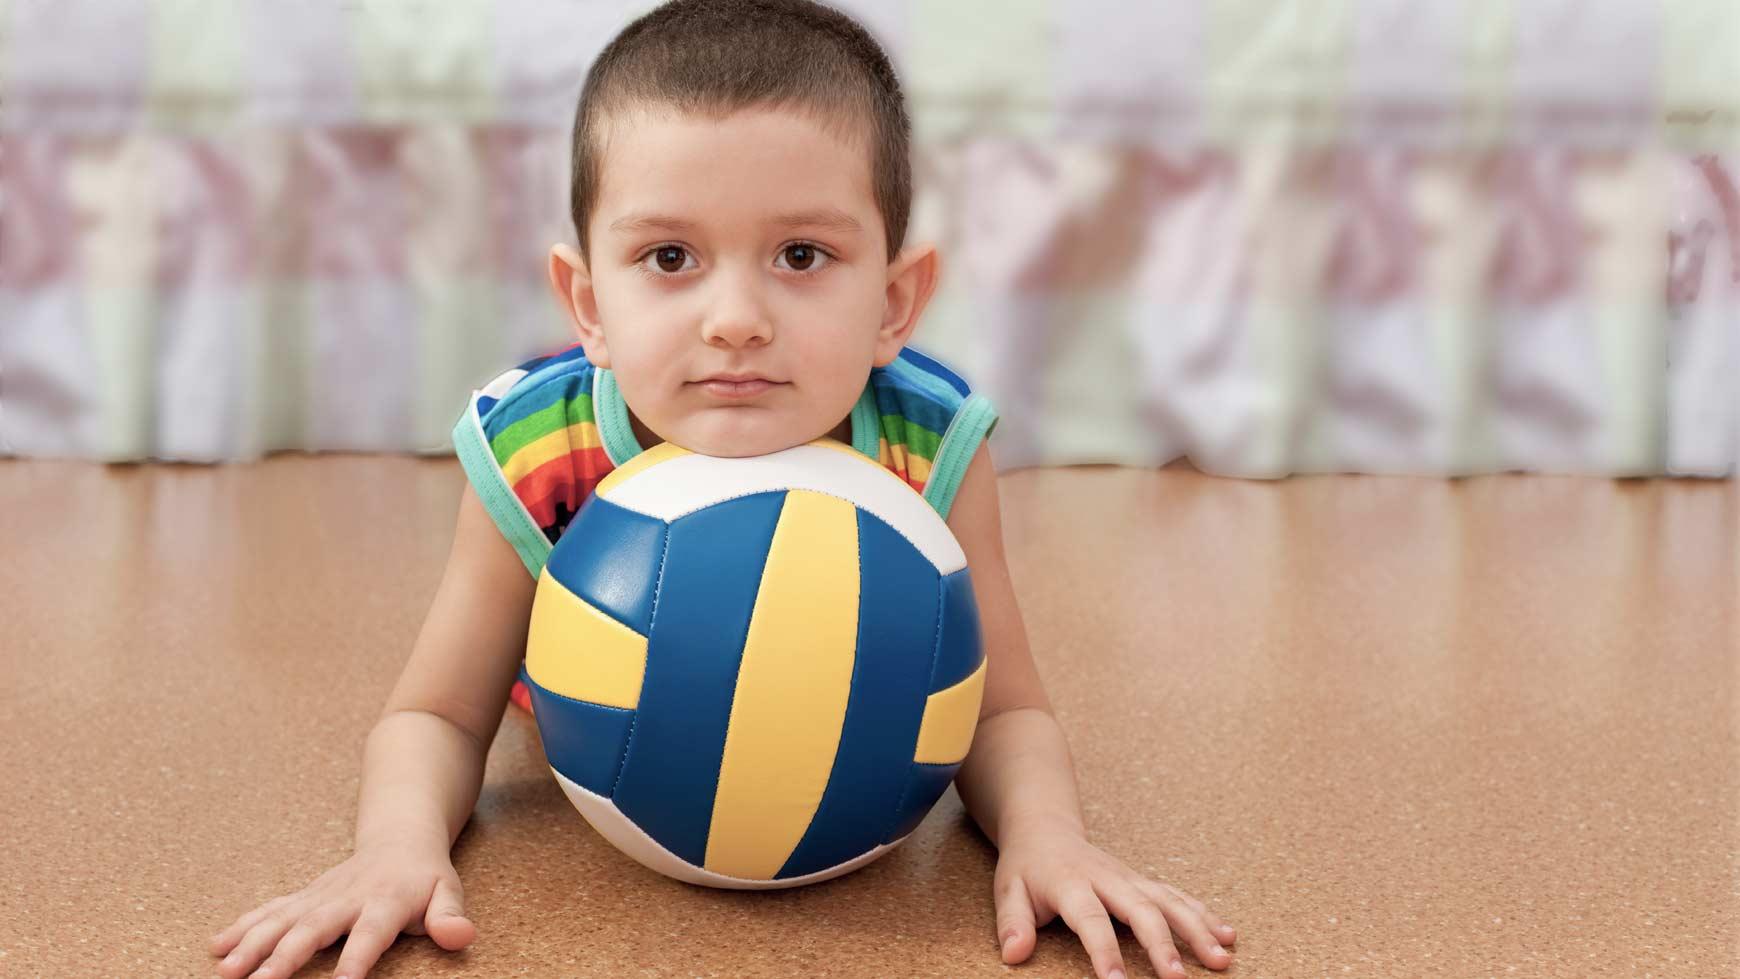 بالصور صور اولاد , اجمل صور اطفال حلوين جدا 2065 8